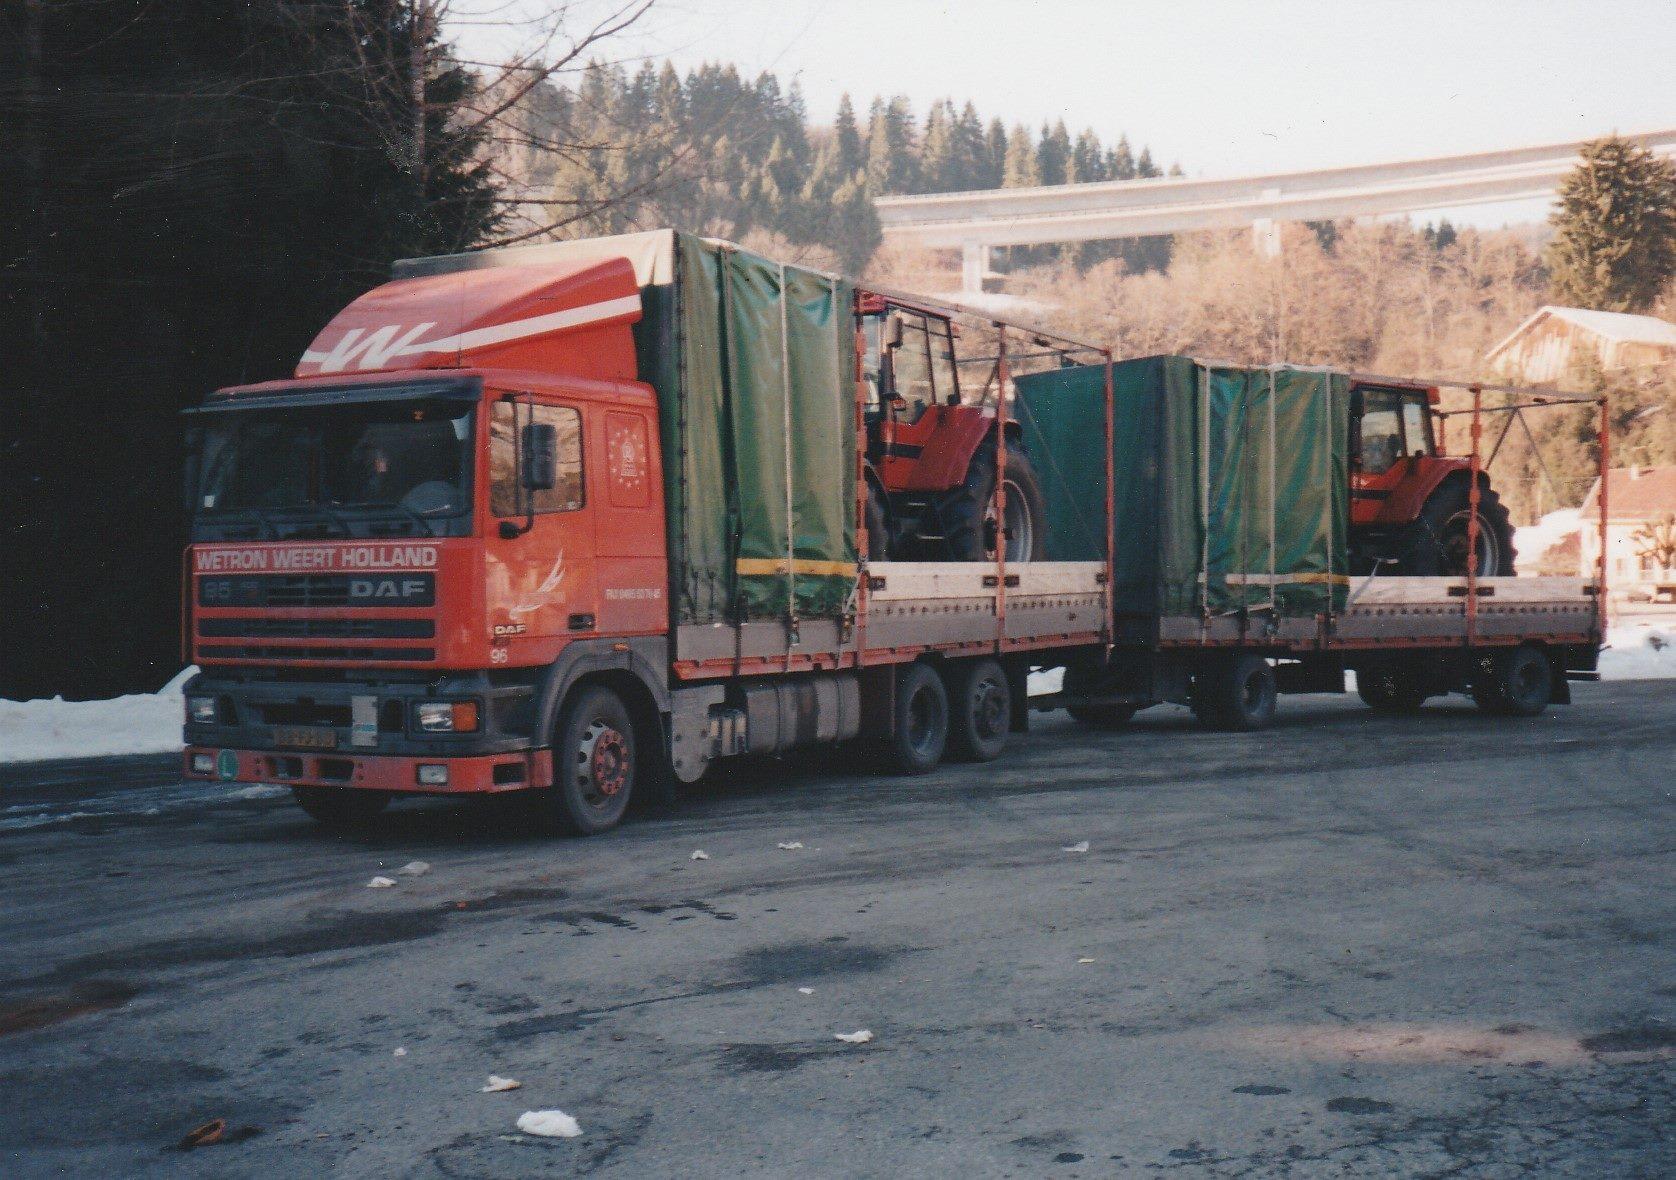 Hans-Anthonise--Tractoren-geladen-in-Le-Havre-Frankrijk-om-te-lossen-in-Italie--Tanken-en-eten-in-Nantua-plus-een-fotomomentje--2